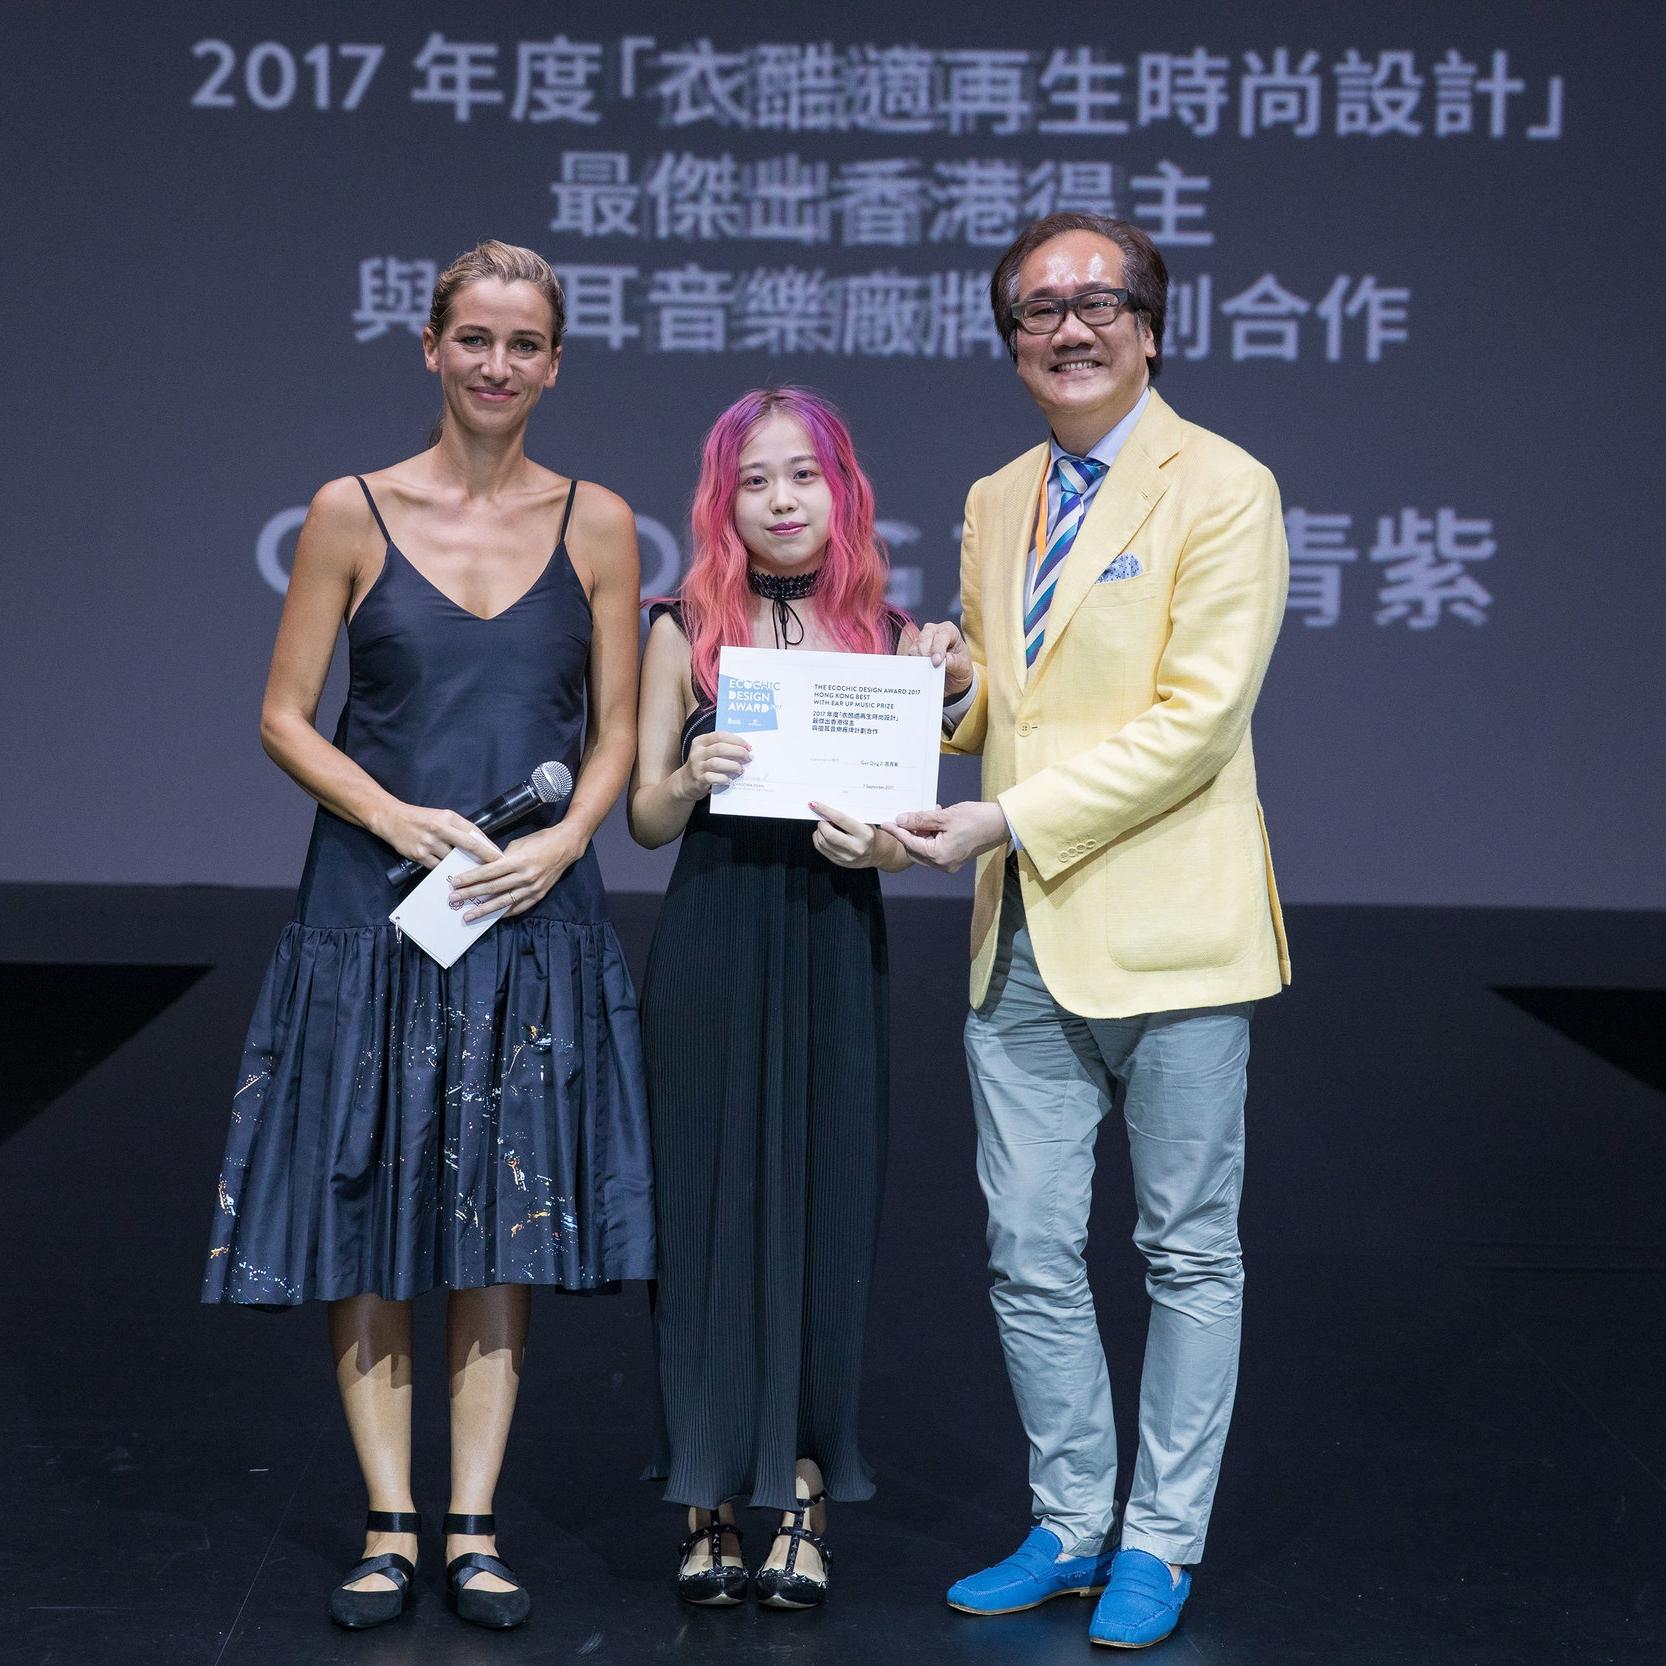 Hong Kong Best Prize: The EcoChic Design Award 2017 Hong Kong Best with Ear Up Music   Gao Qing Zi, Hong Kong